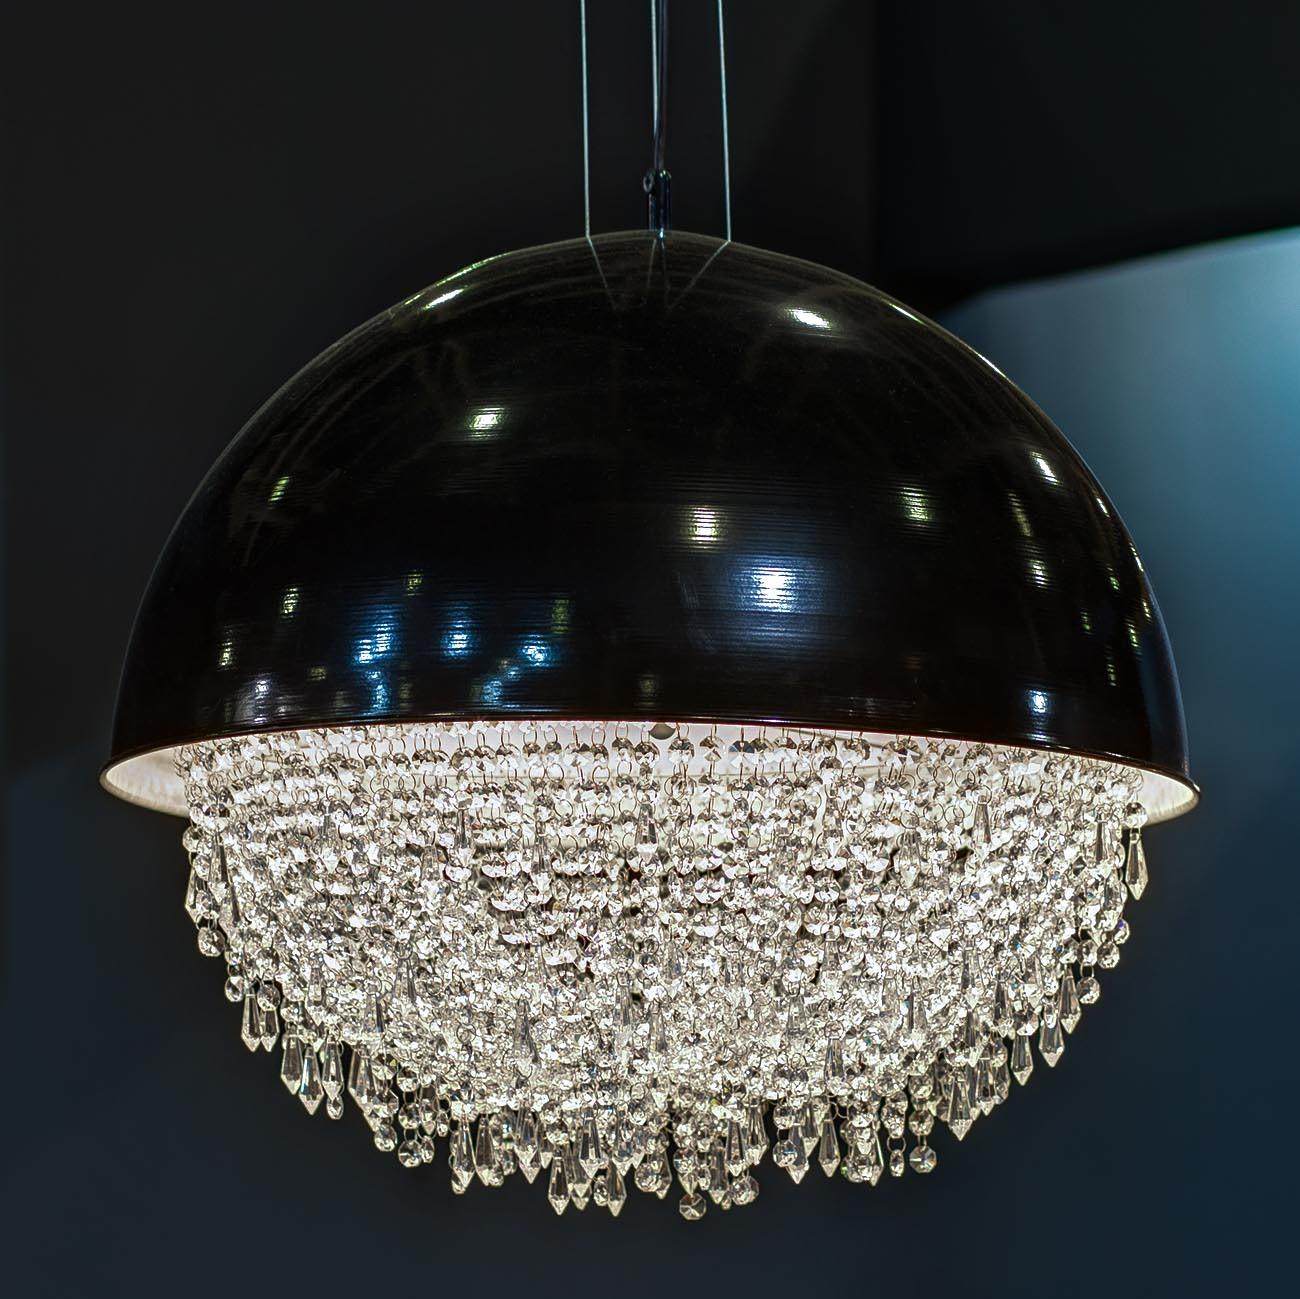 K2DM600-5BL Светильник потолочный черный d60 В52